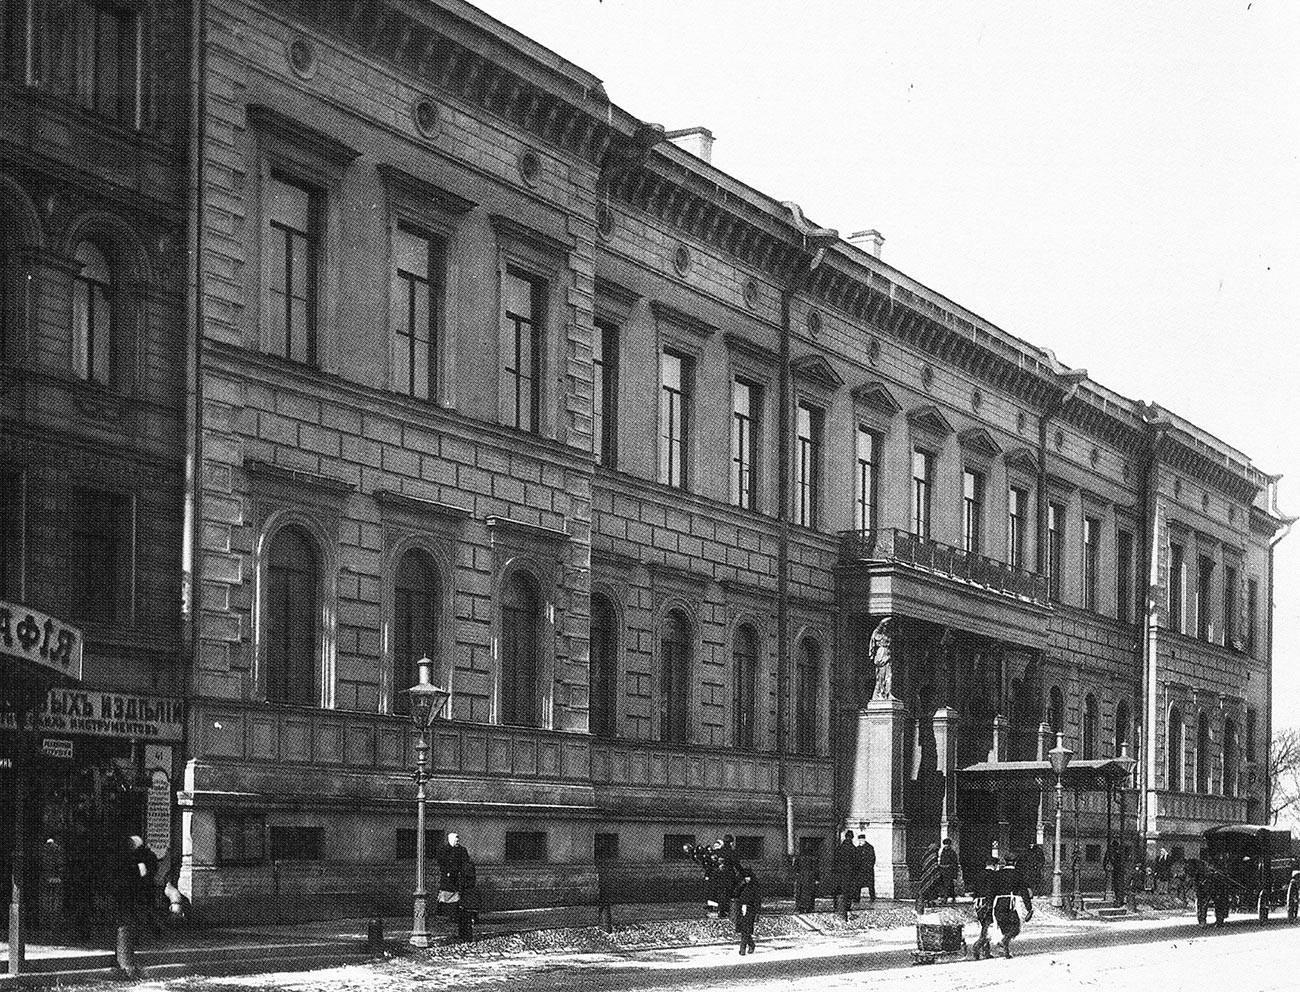 L'edificio del Ministero della Corte Imperiale e delle Tenute a San Pietroburgo dove veniva custodito il denaro della famiglia imperiale